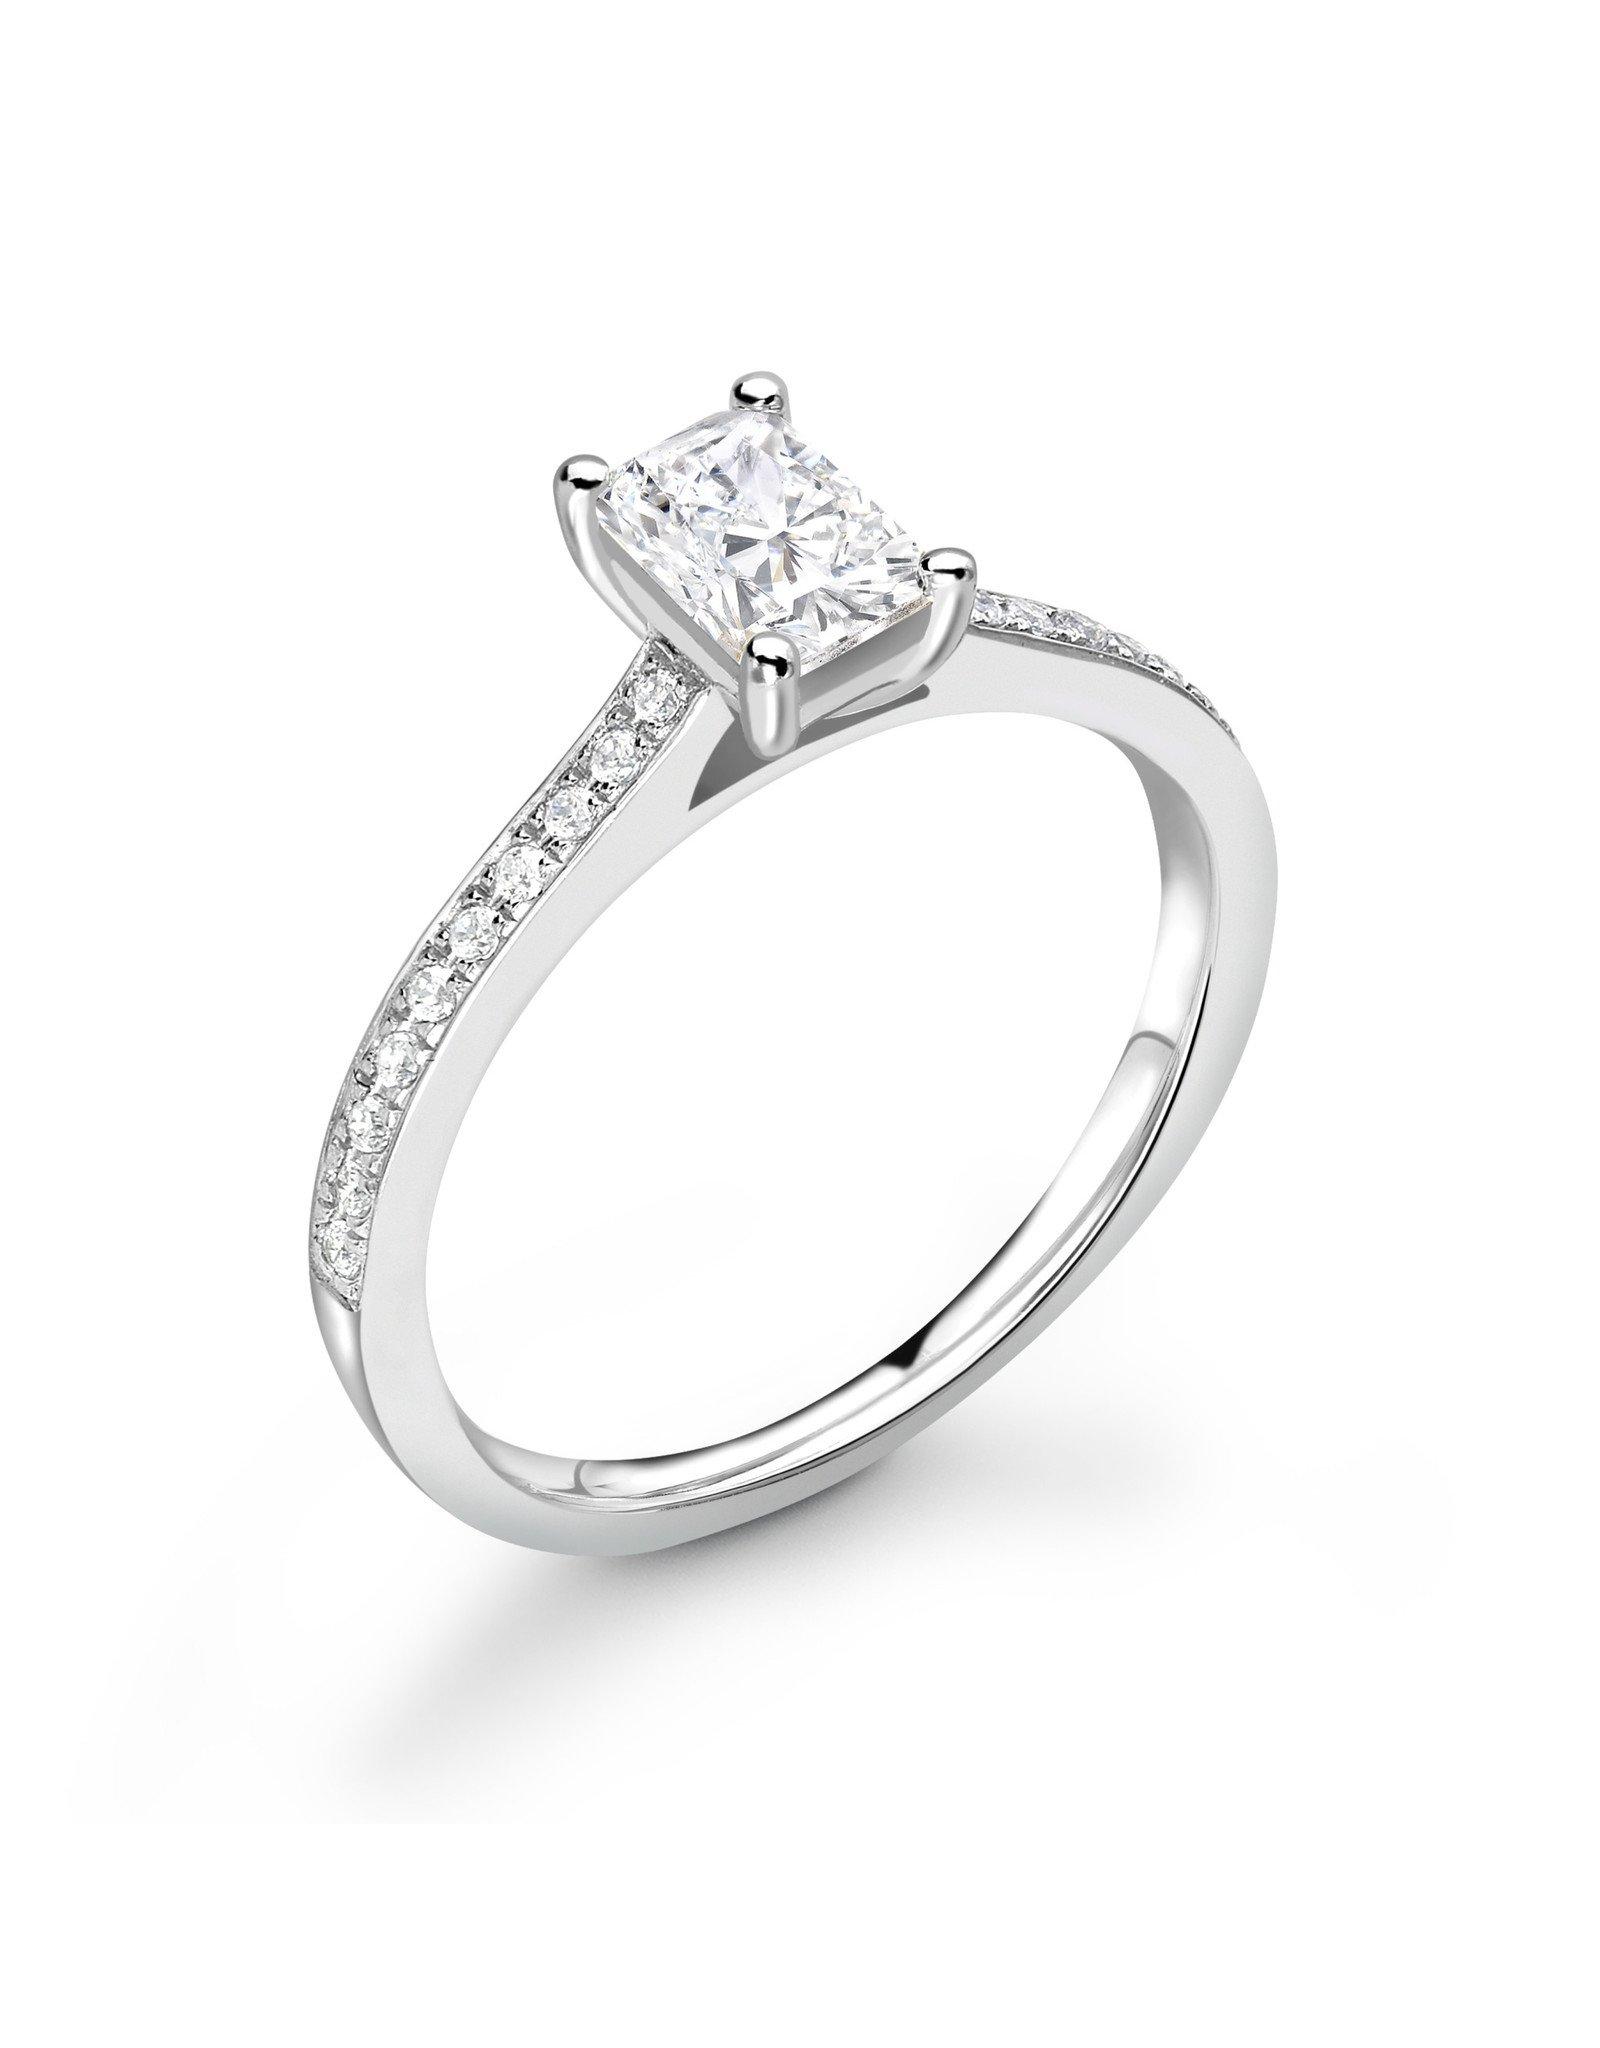 LVN Emerald Cut Verlovingsring Met Zijsteentjes LVNRX6690